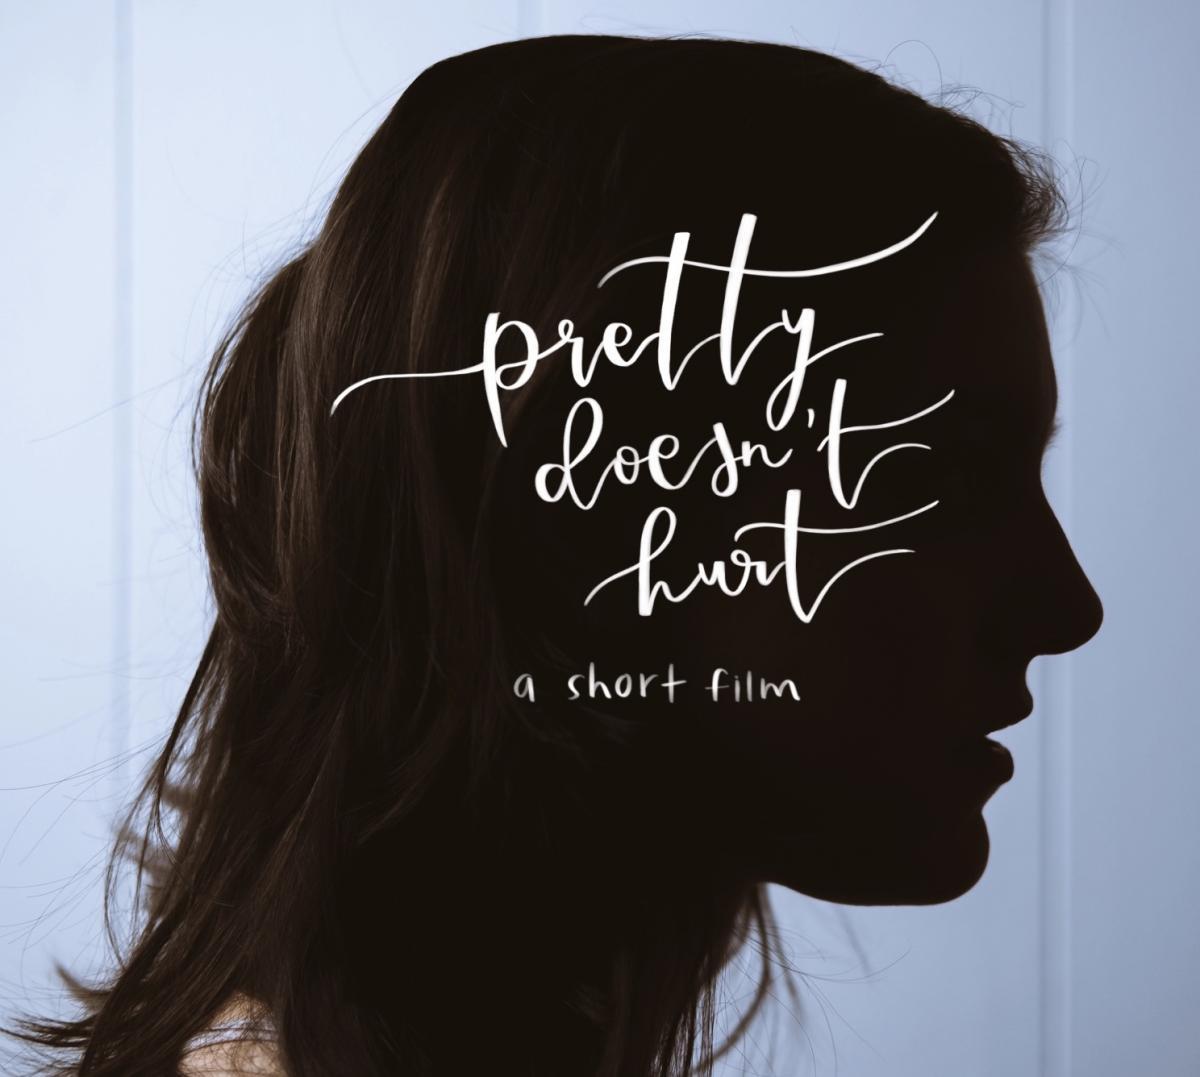 Pretty Doesn't Hurt: a short film